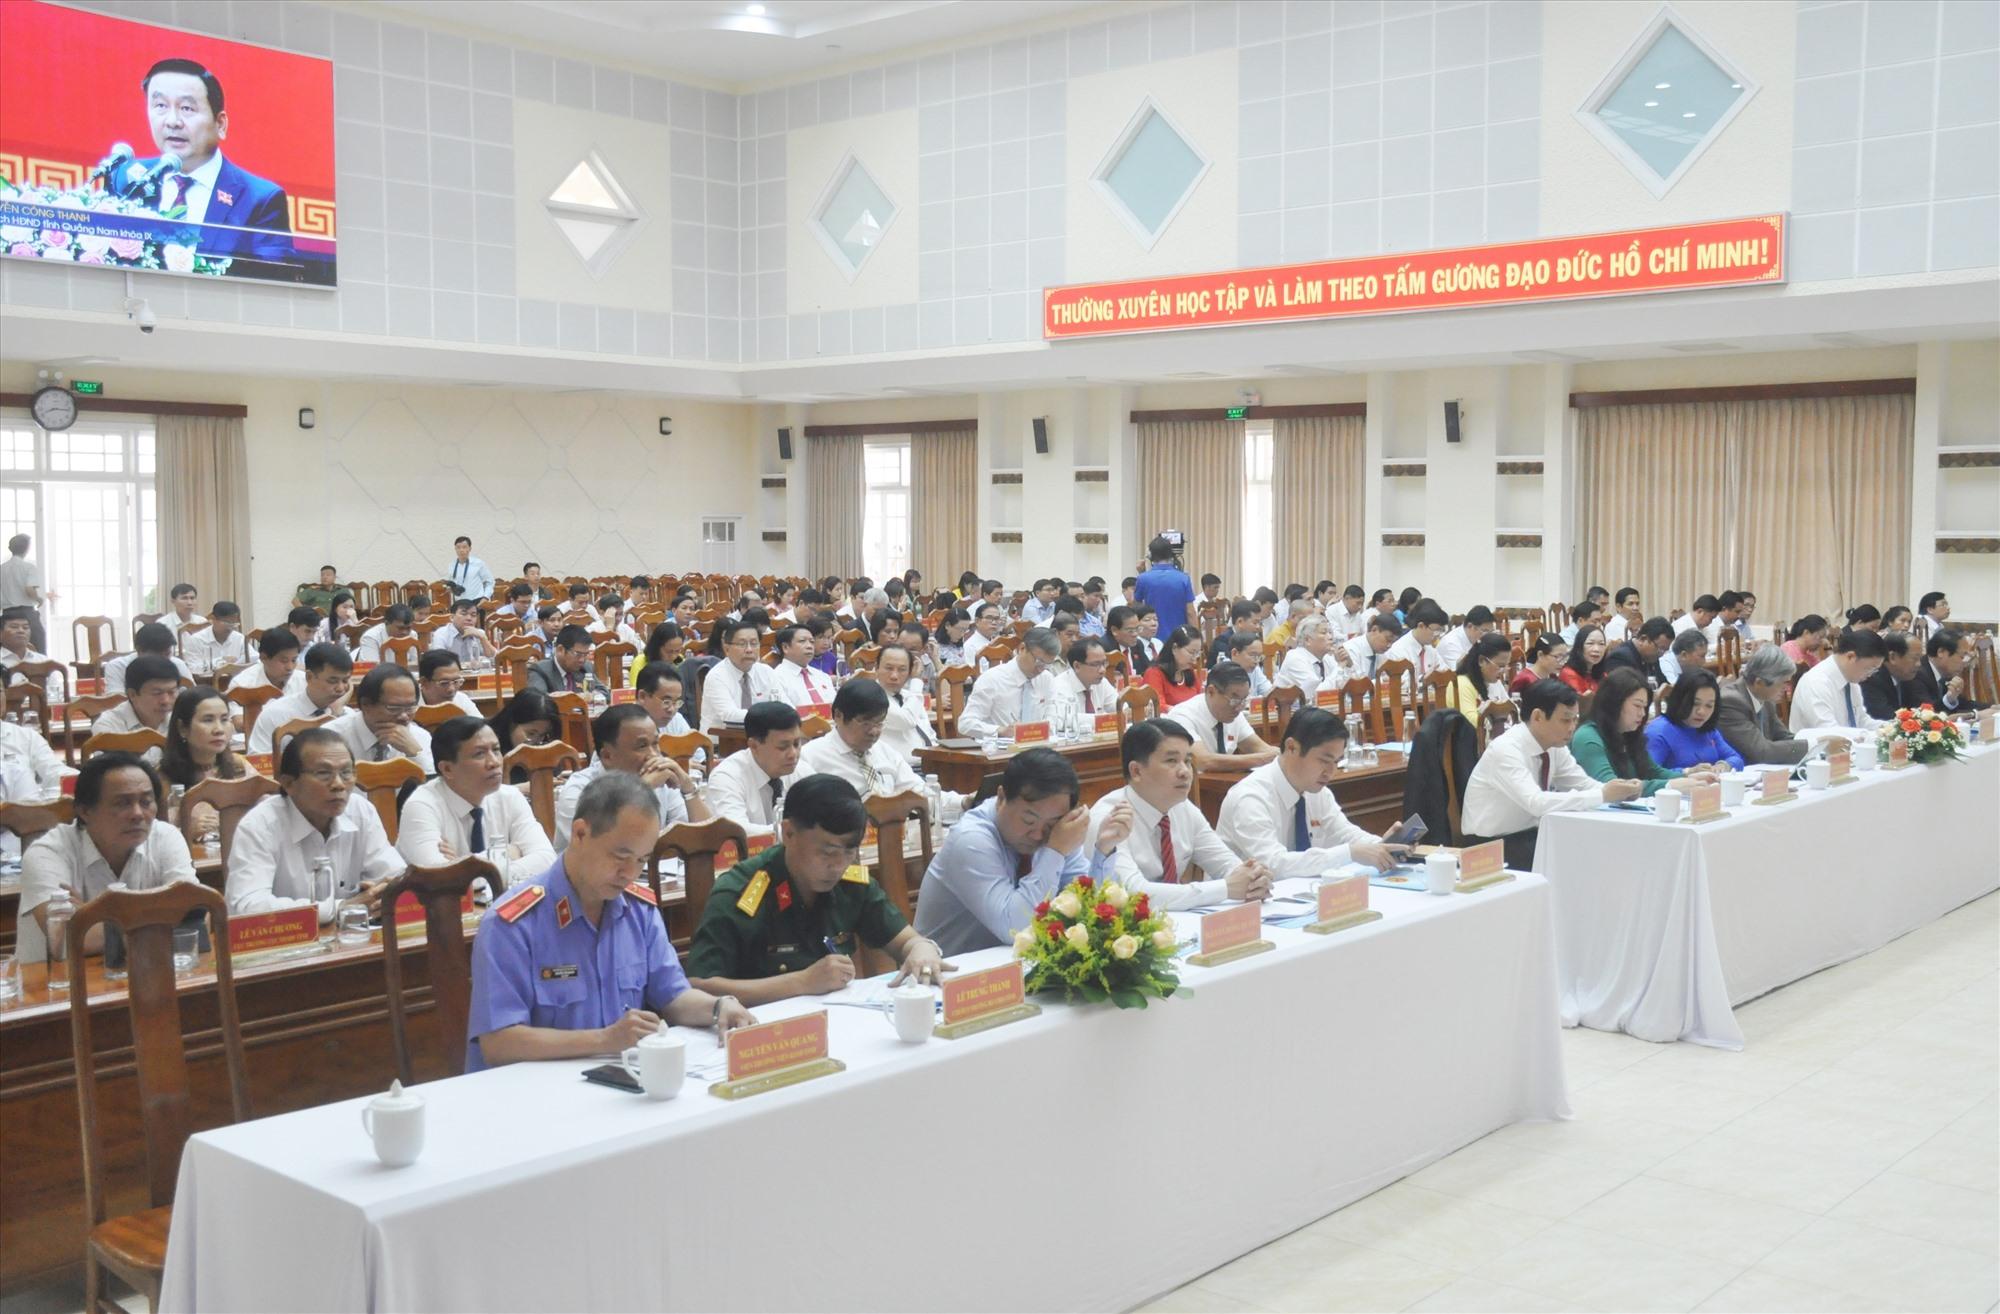 Các đại biểu dự Kỳ họp thứ 24 của HĐND tỉnh. Ảnh: N.Đ